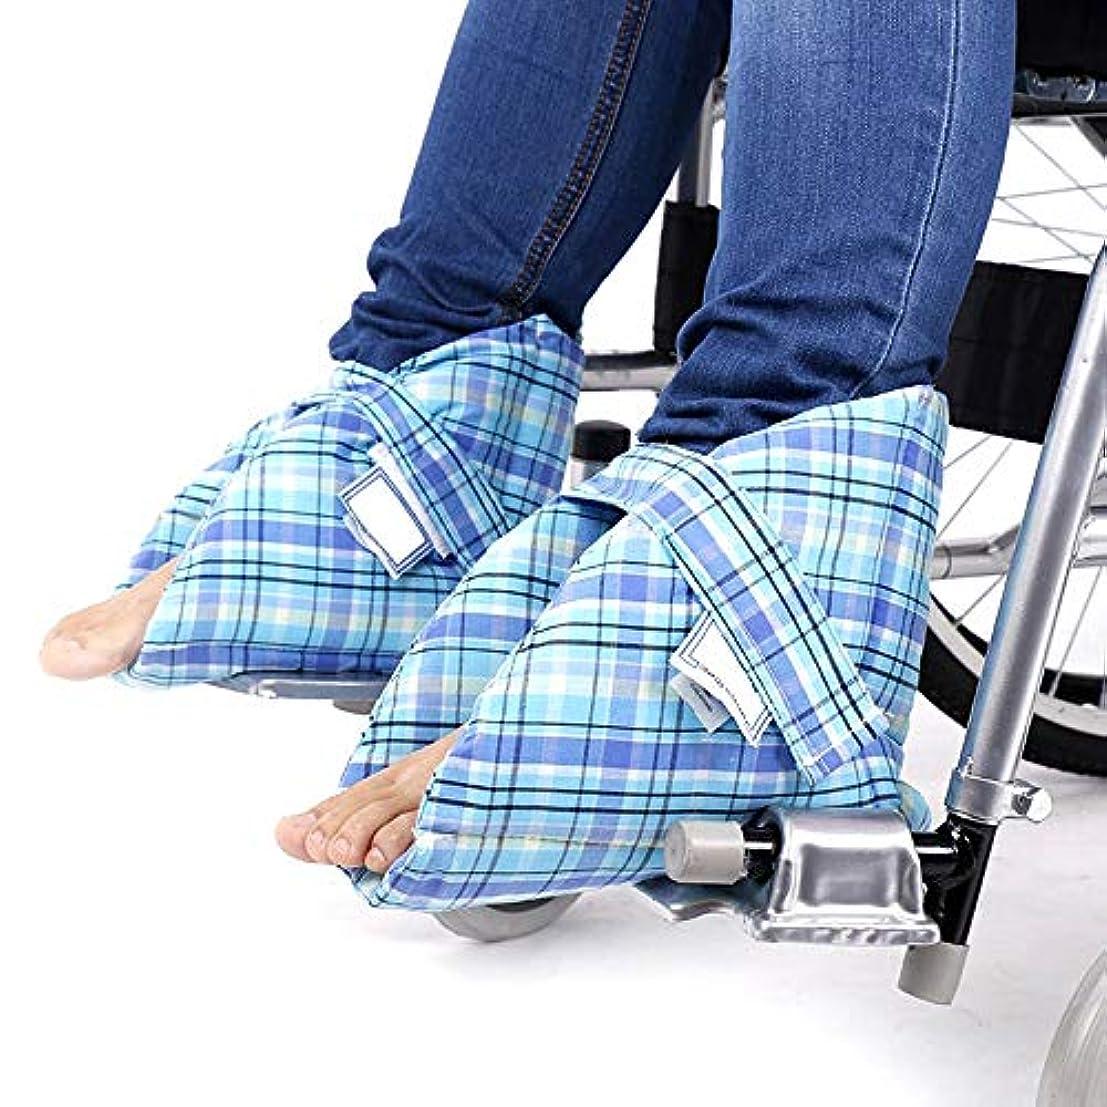 噛む生息地入学する褥瘡および腱の残りのための医療用ヒールクッションプロテクター - 車椅子高齢者足首保護枕 - 1ペア